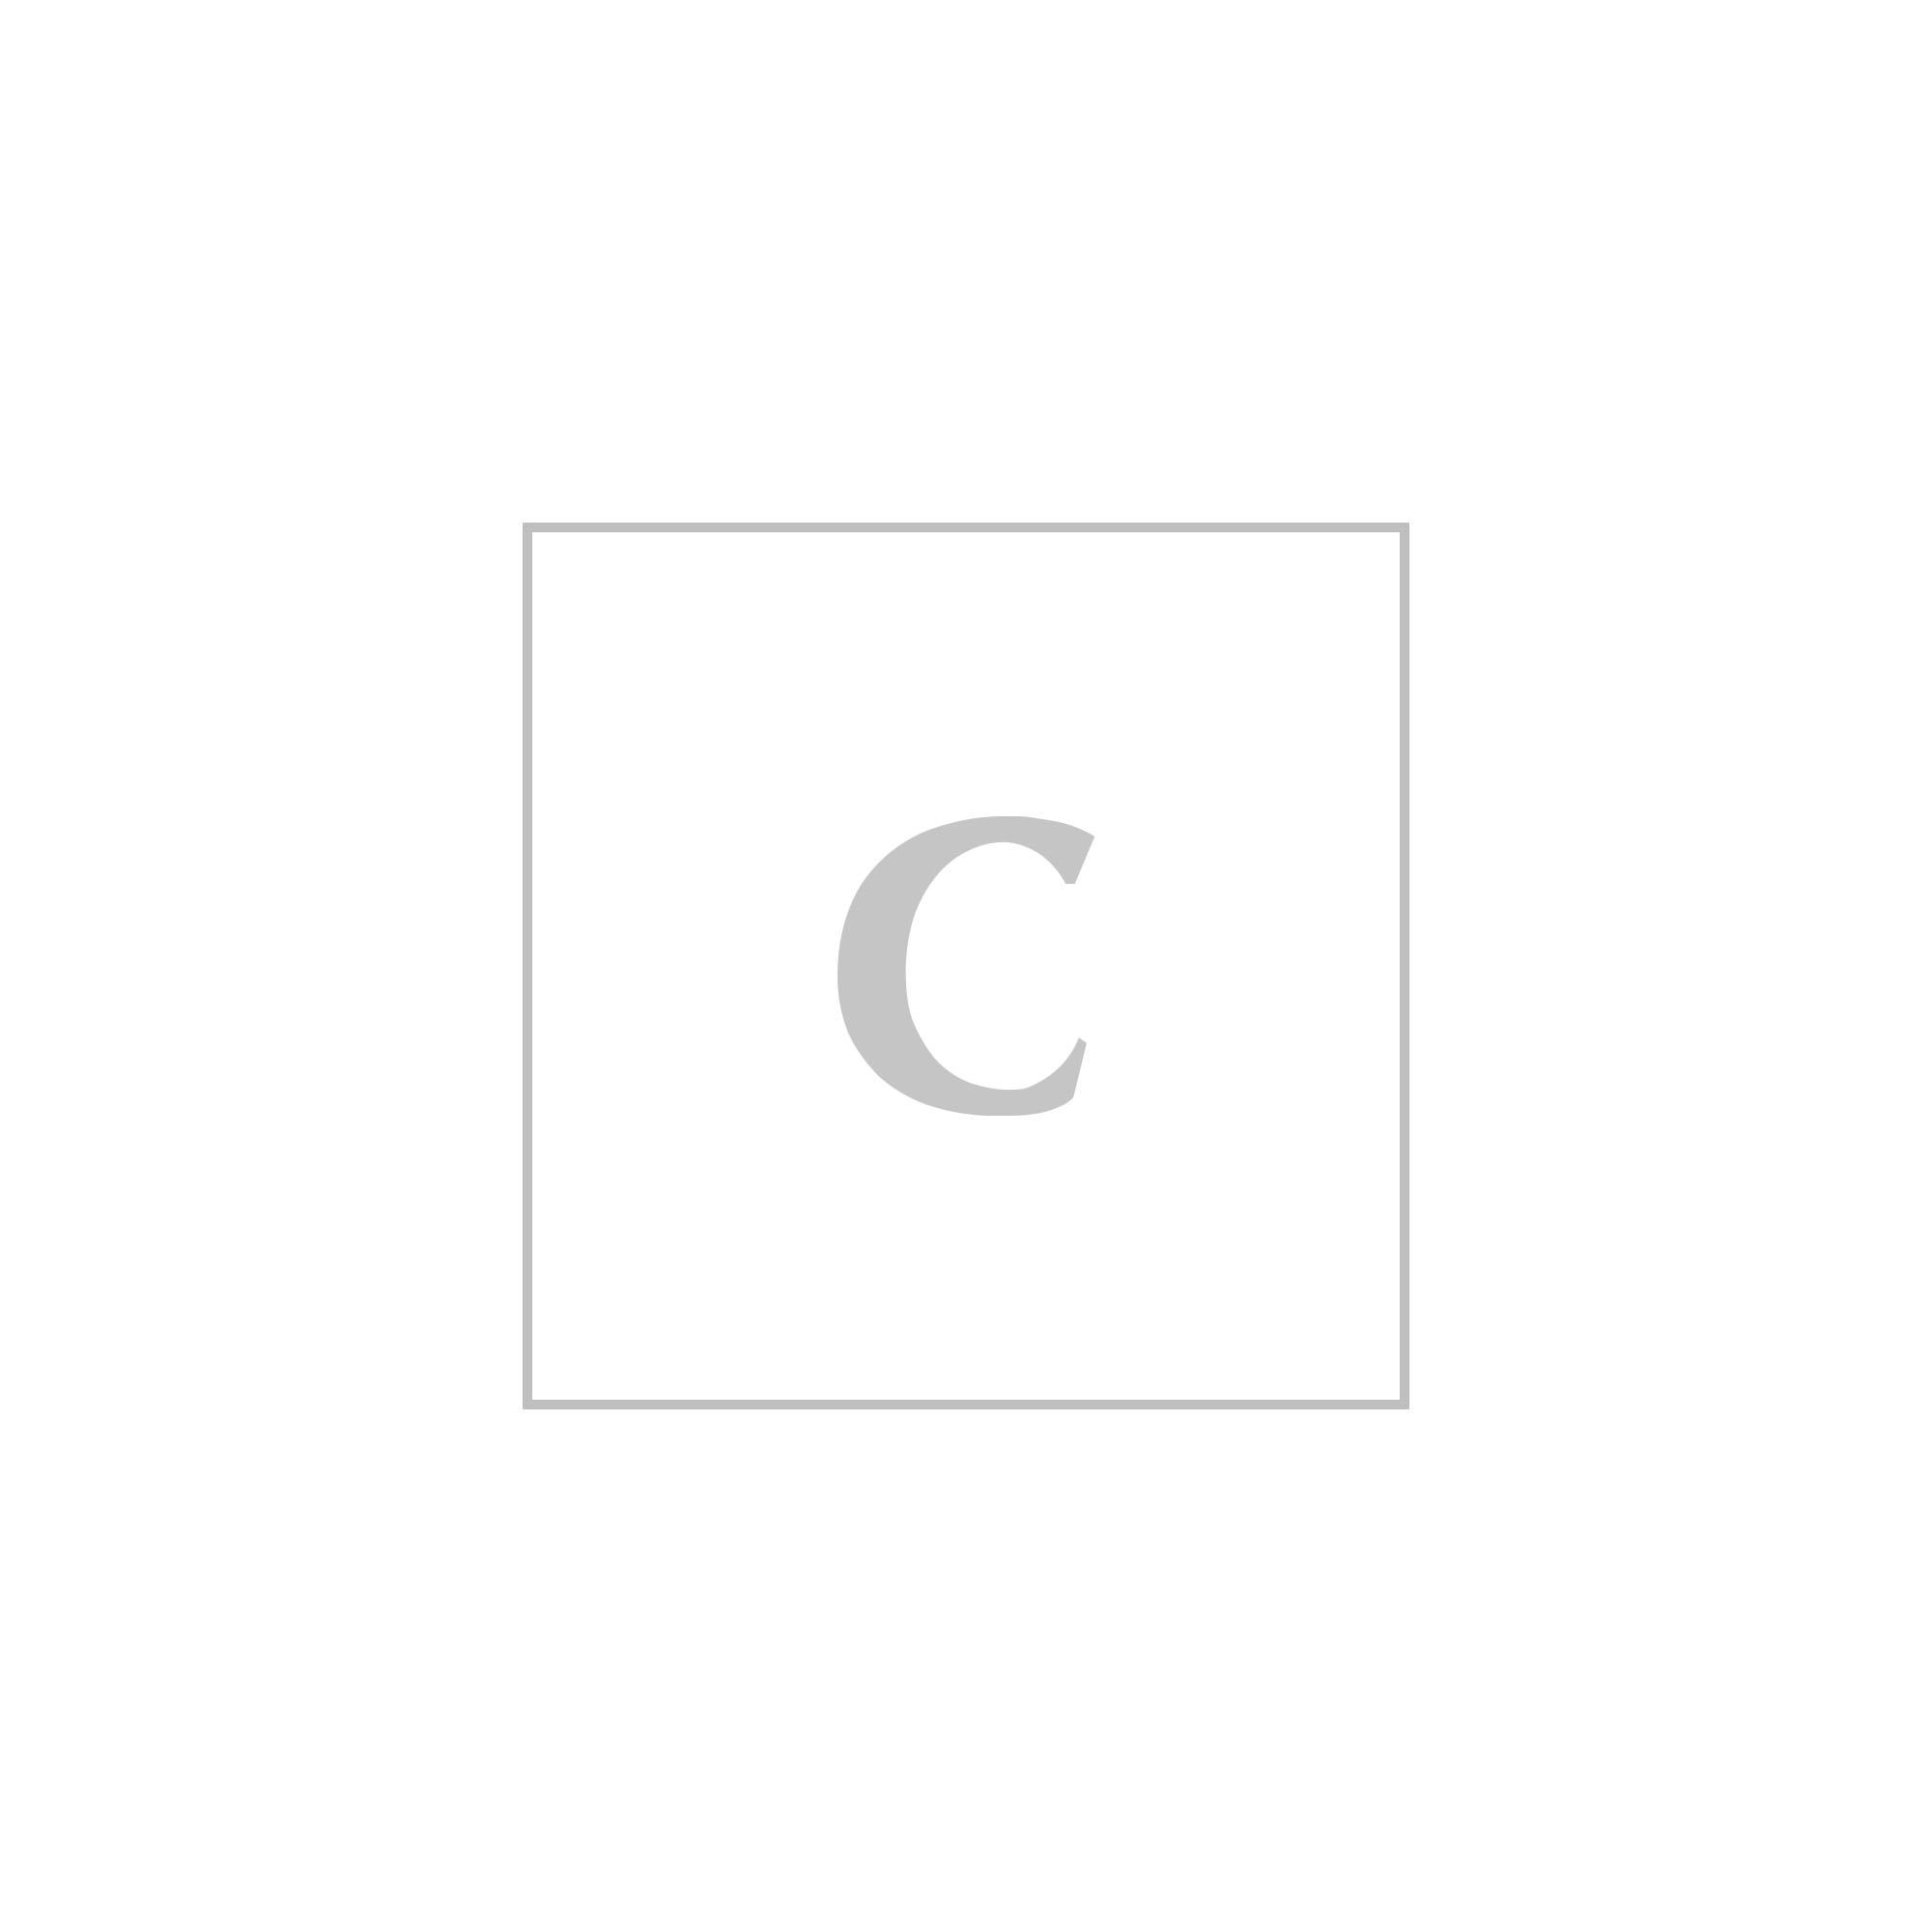 Moncler capsule giubbotto julien